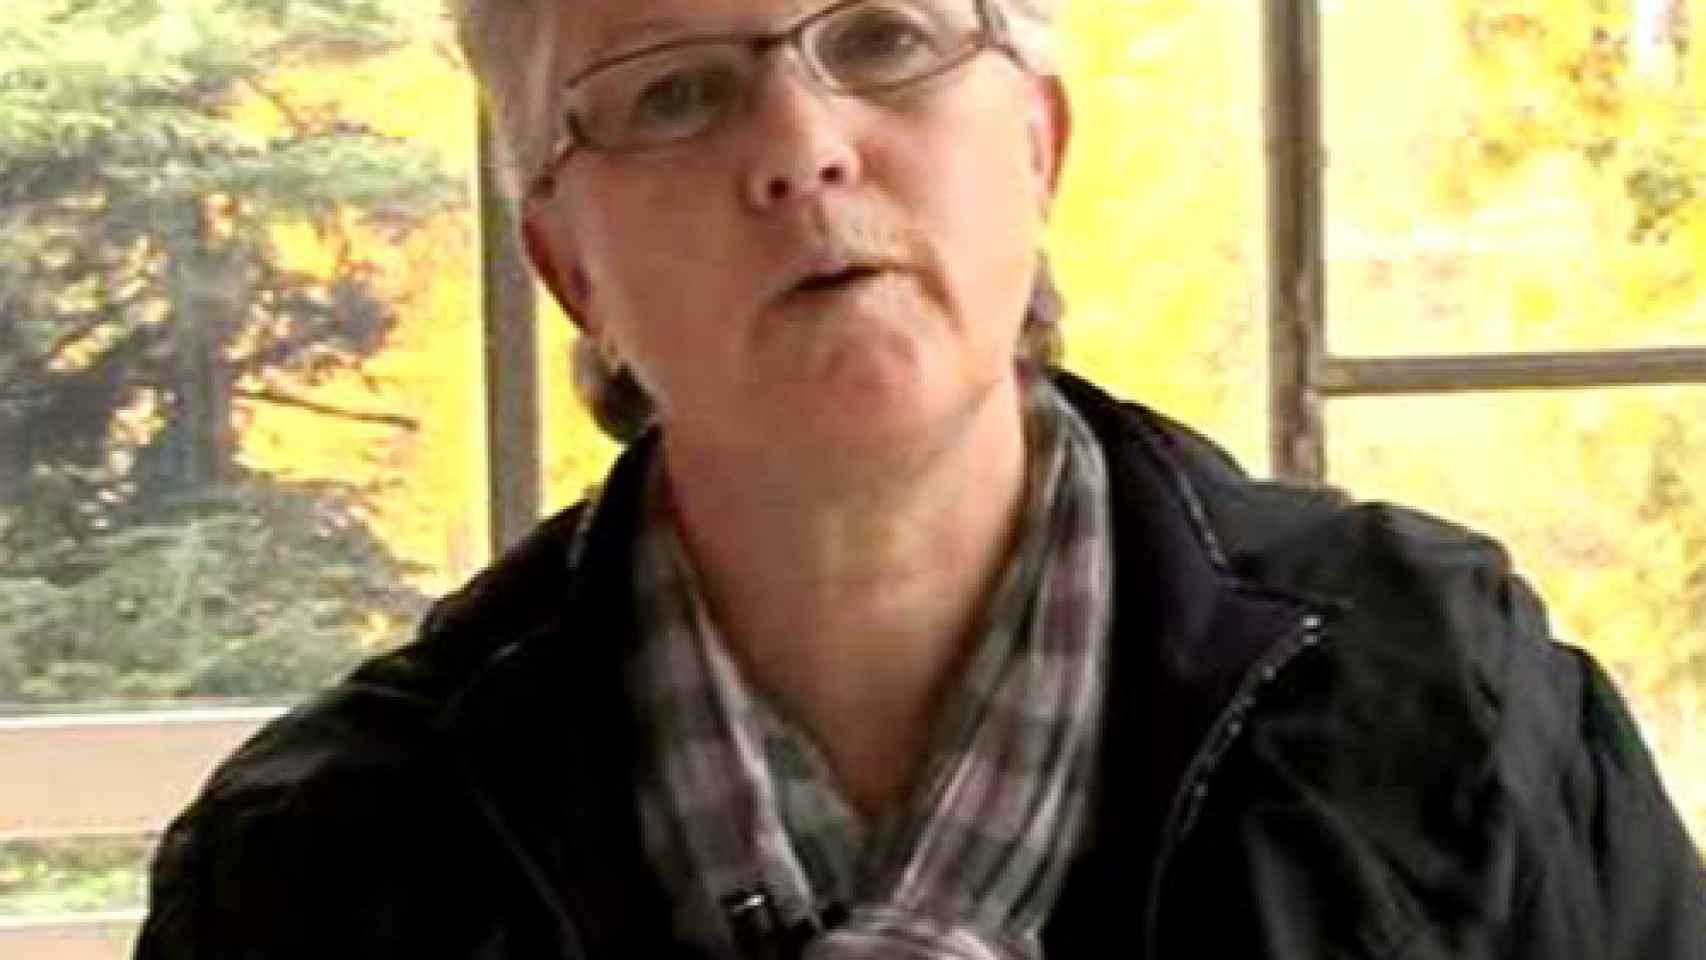 Montserrat Batlló. Cuñada de Enric Corbera.  En el año 2010 pasó a ser directora docente del Instituto de la Bioneuroemoción